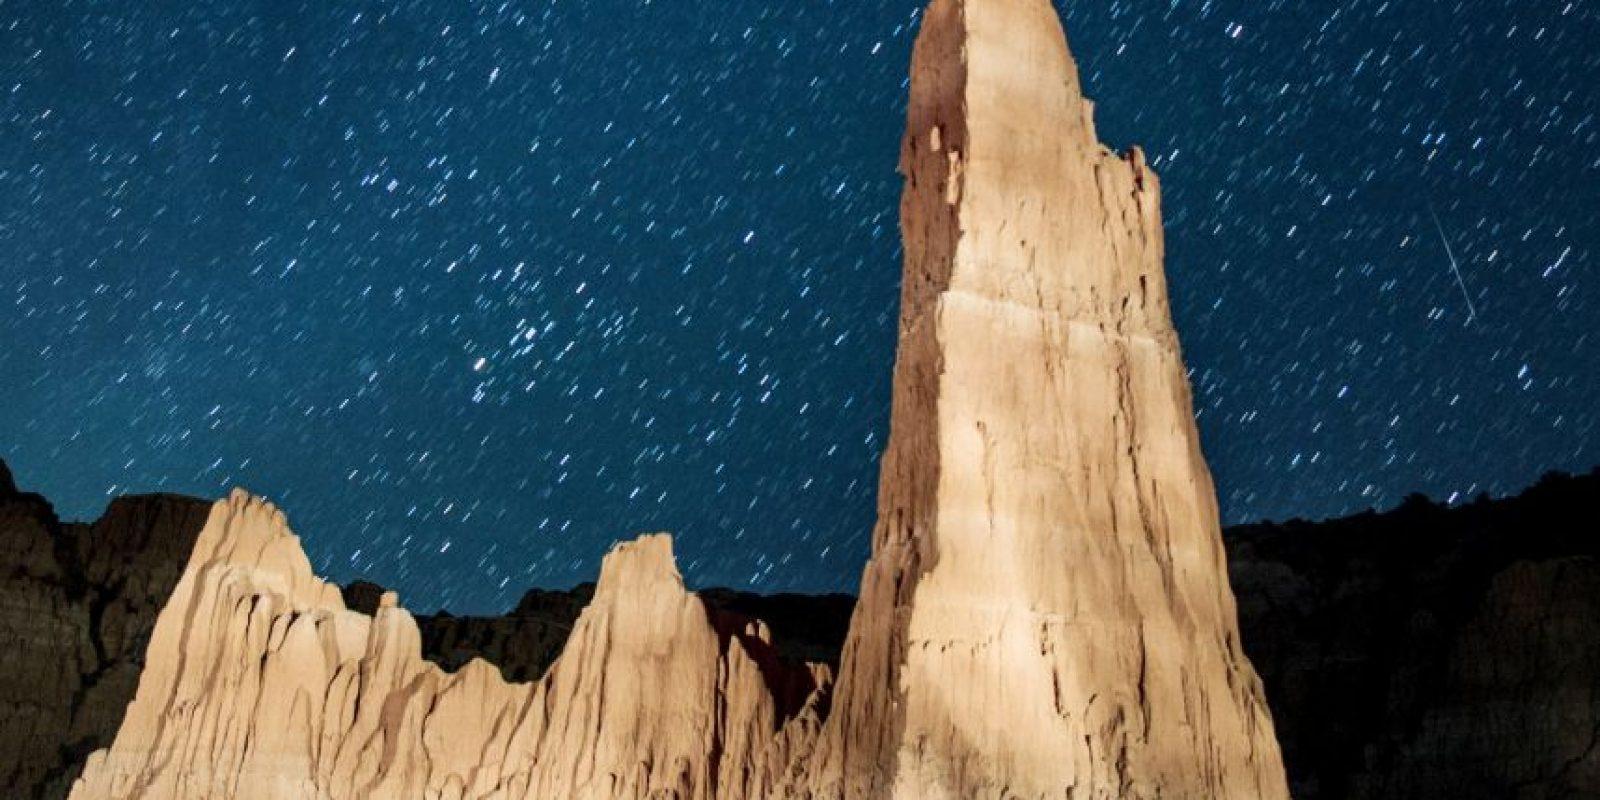 Lluvia anual de meteoritos captada el 12 de agosto de 2013 en Nevada, Estados Unidos Foto:Getty Images. Imagen Por: